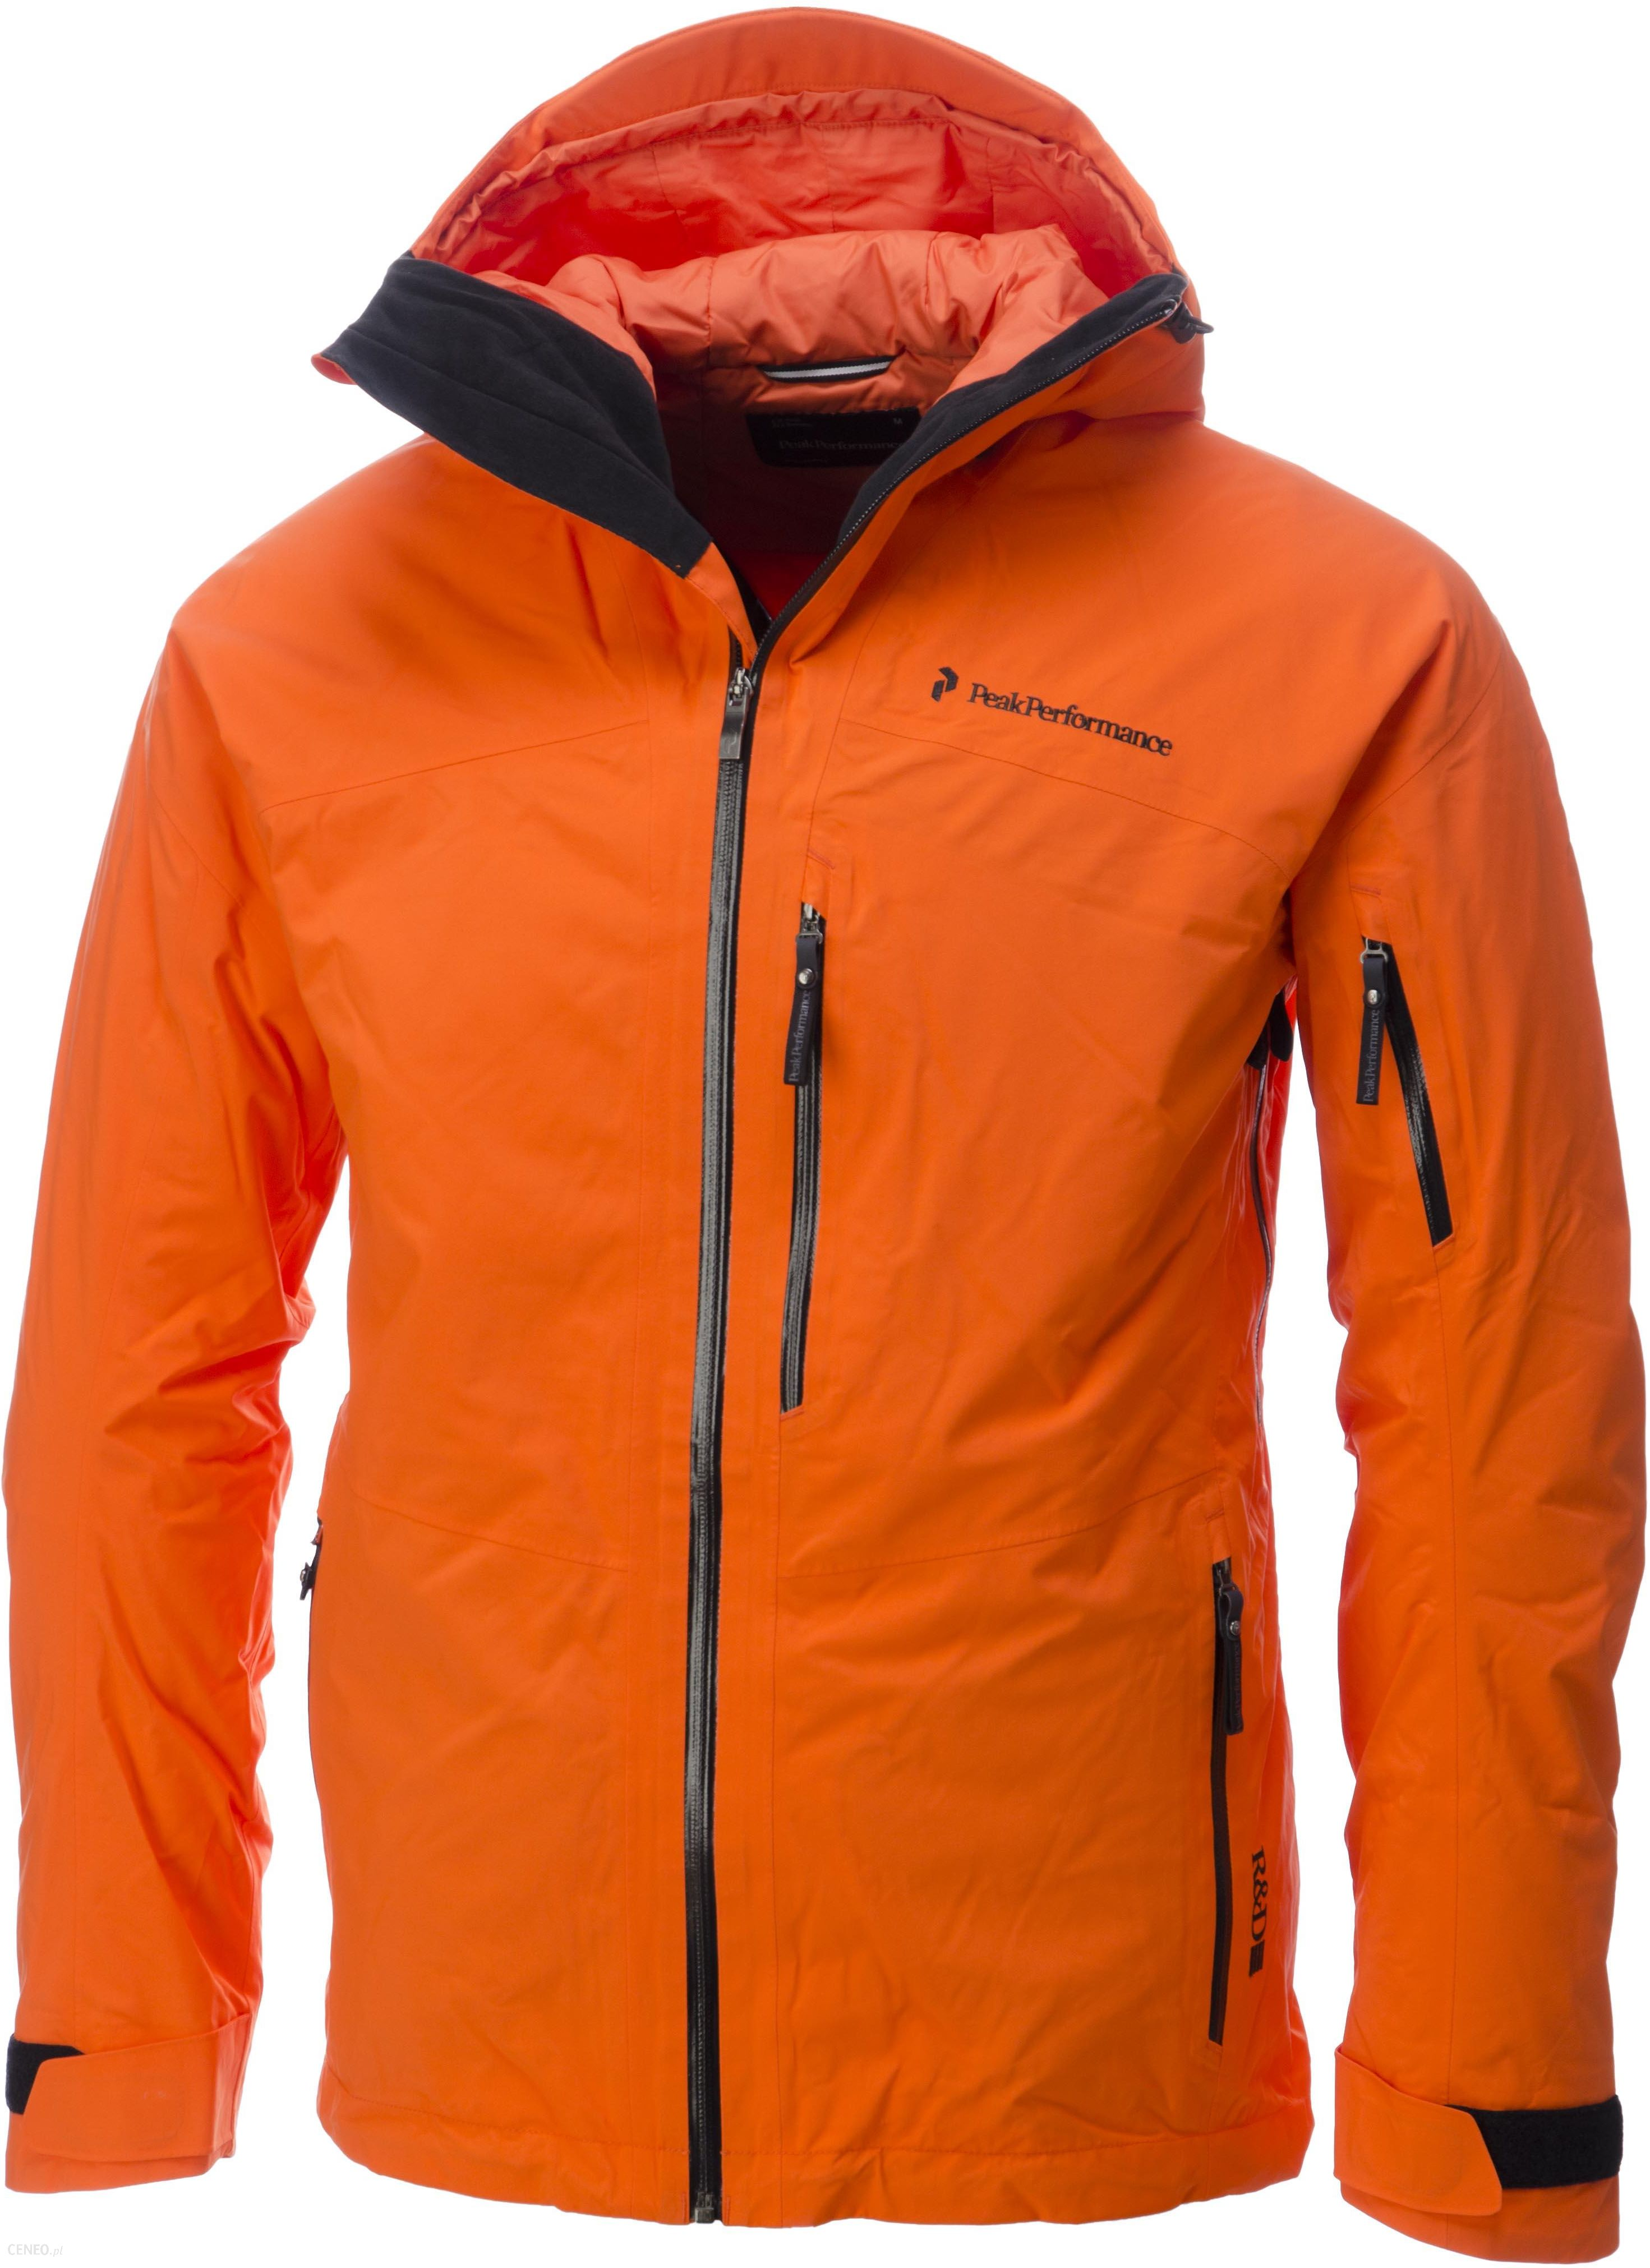 pomarańczowa kurtka narciarska męska